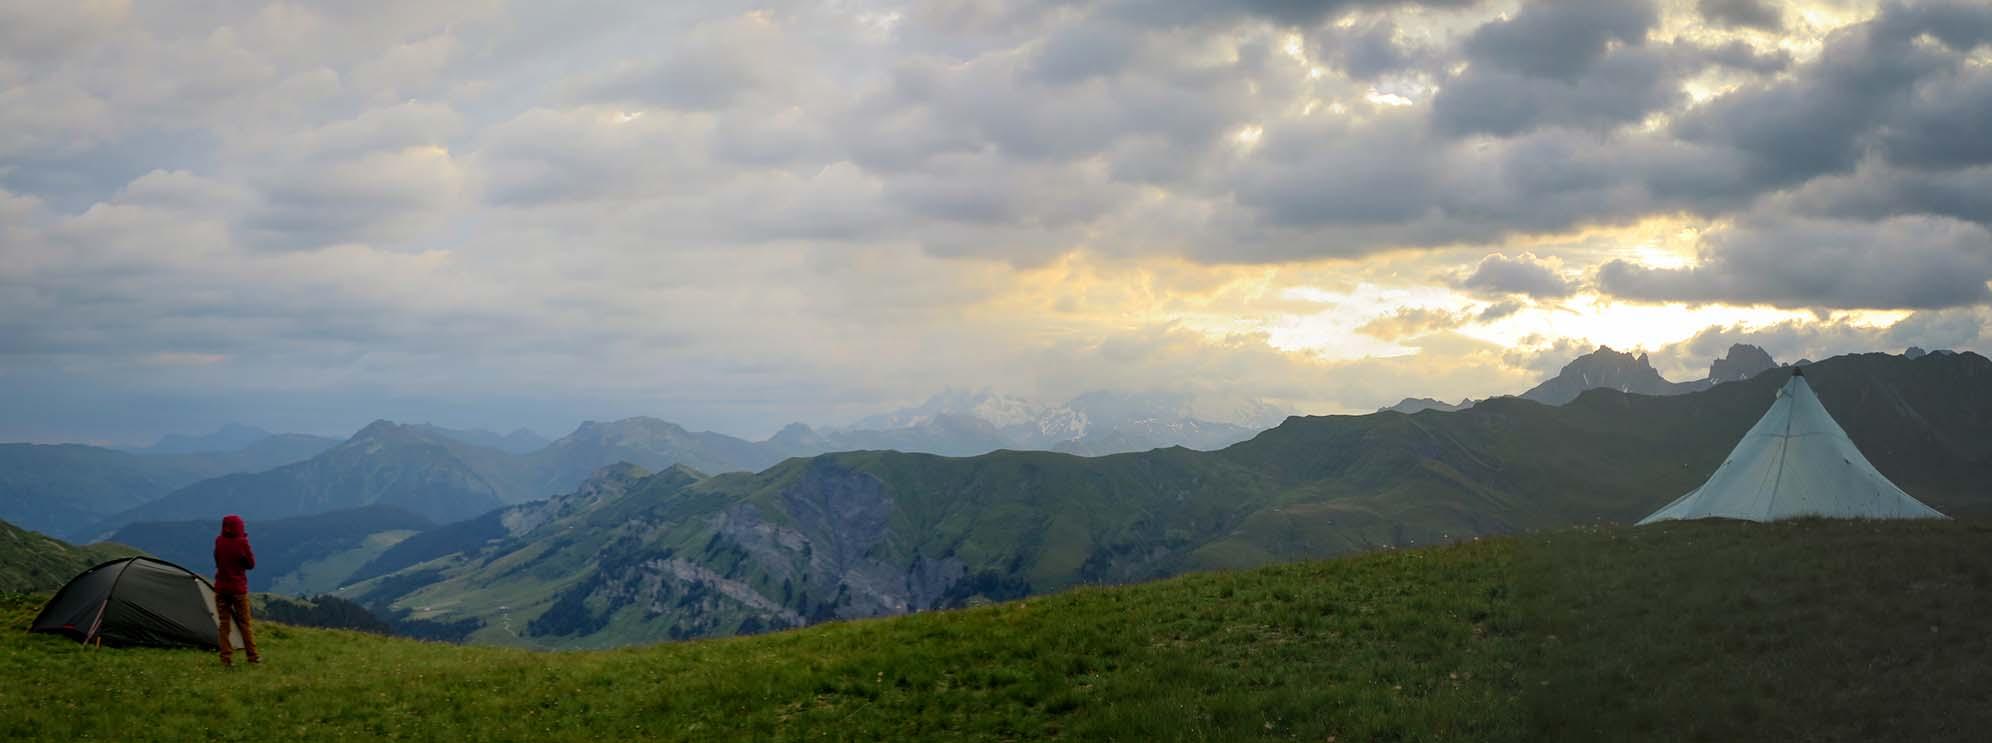 Sejour Liberte Itinerance Bivouac Slow Rando Beaufortain 2020 Spot Ambiance Nuage Mont Blanc